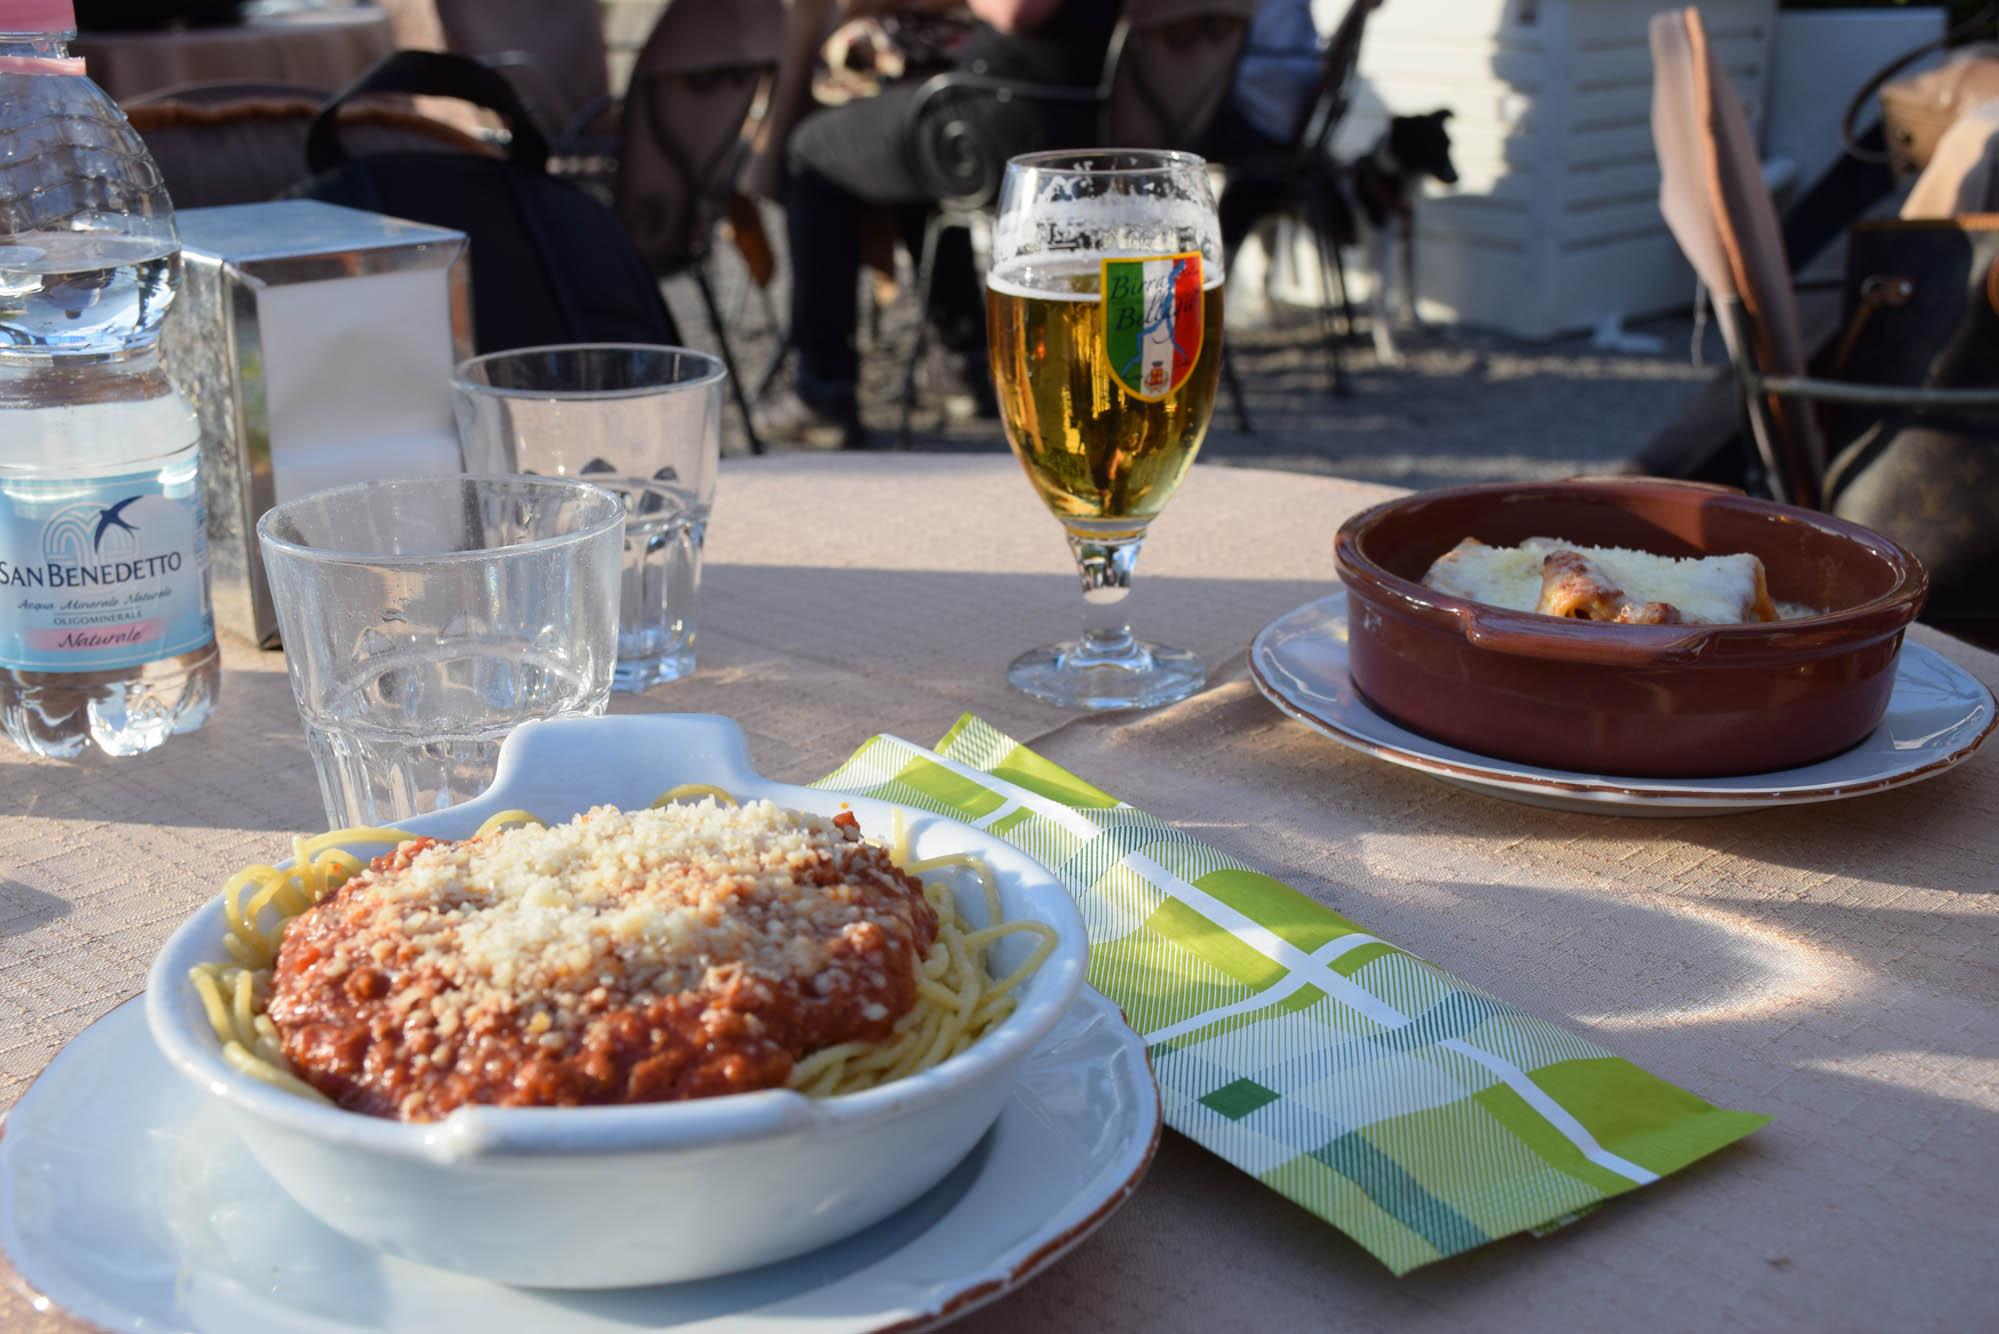 restaurantes-bellagio-lago-di-como-italia